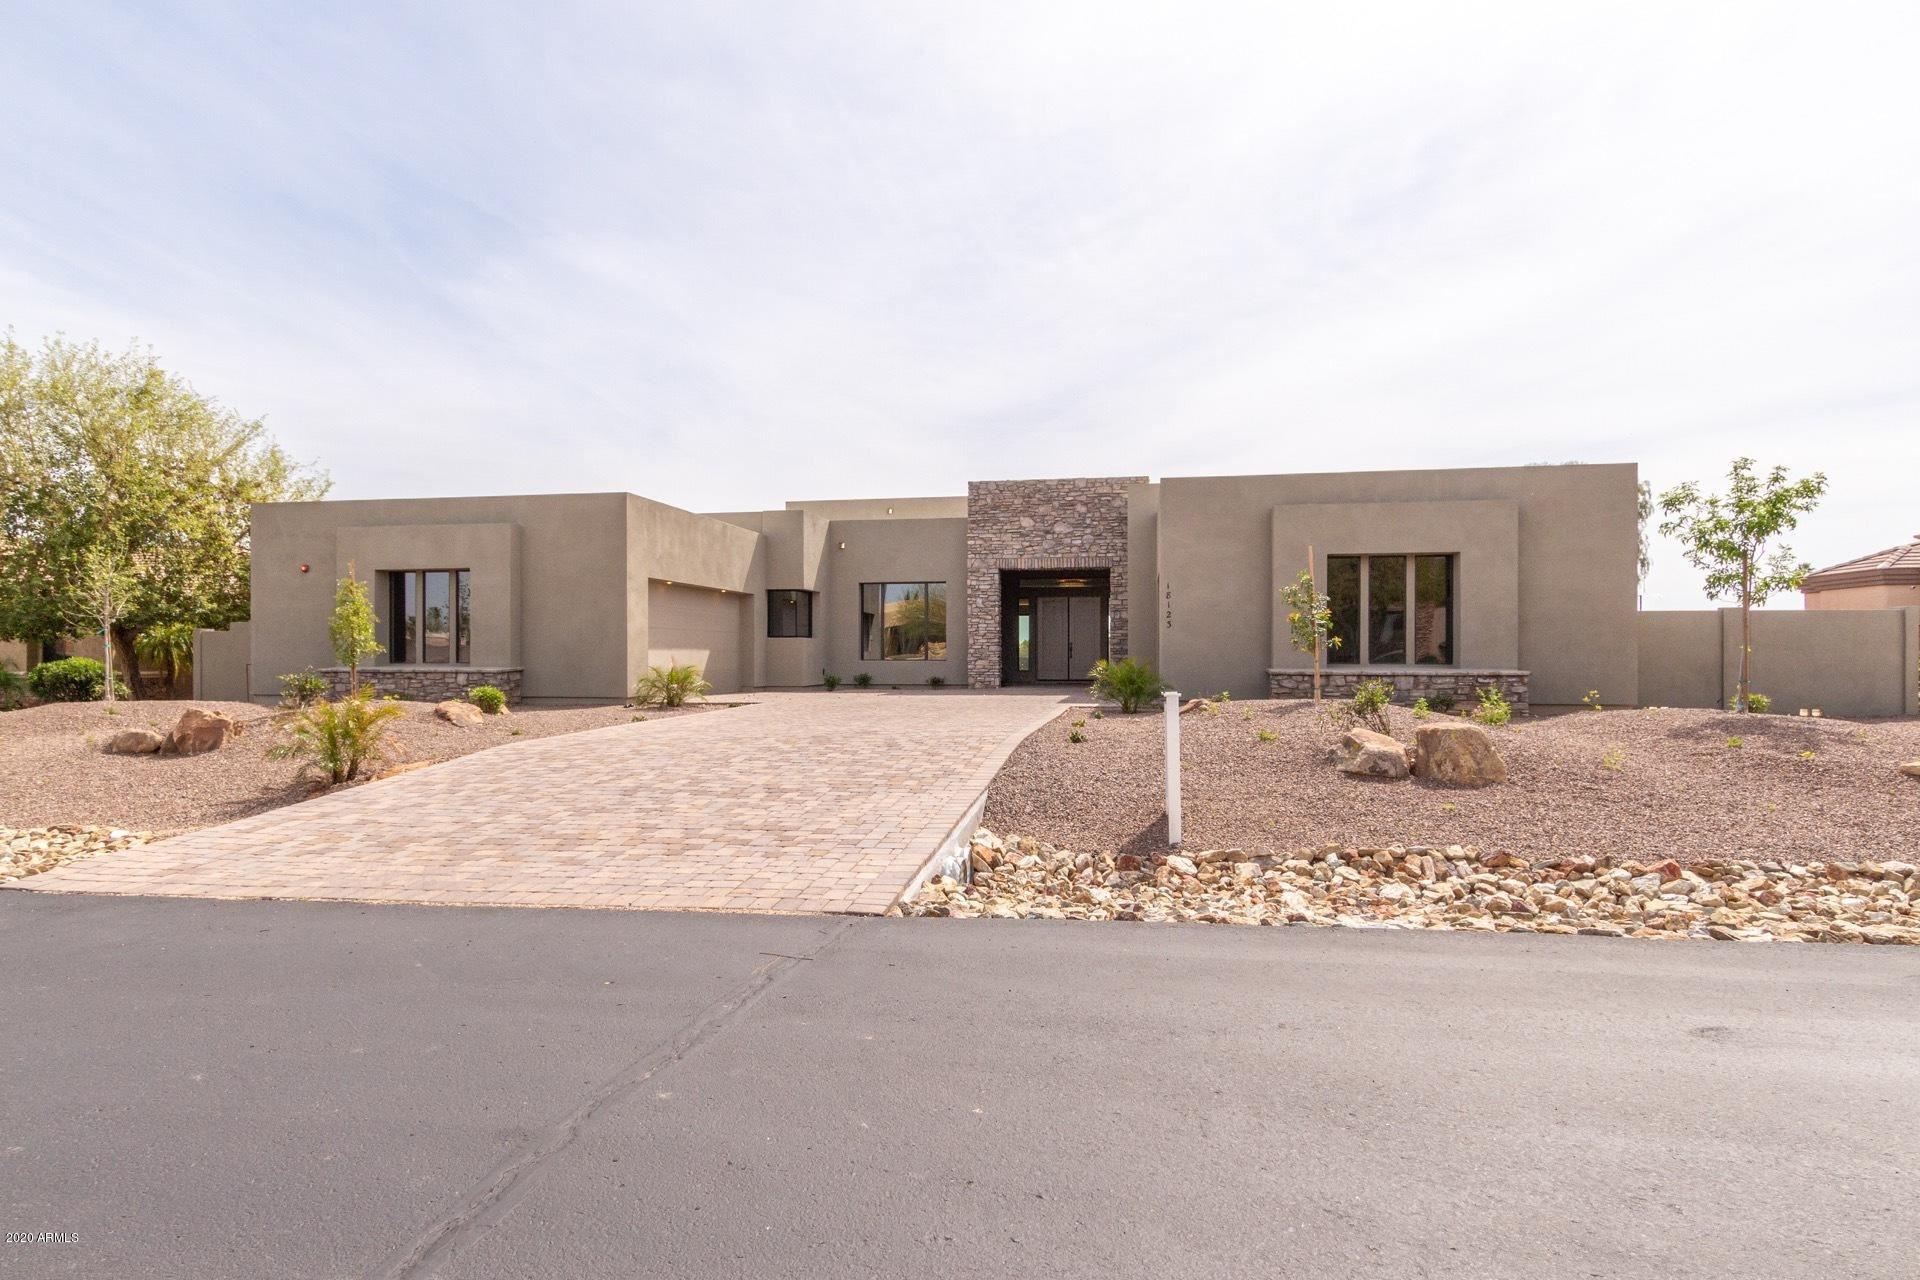 18123 W Solano Court, Litchfield Park, AZ 85340 - MLS#: 6014818